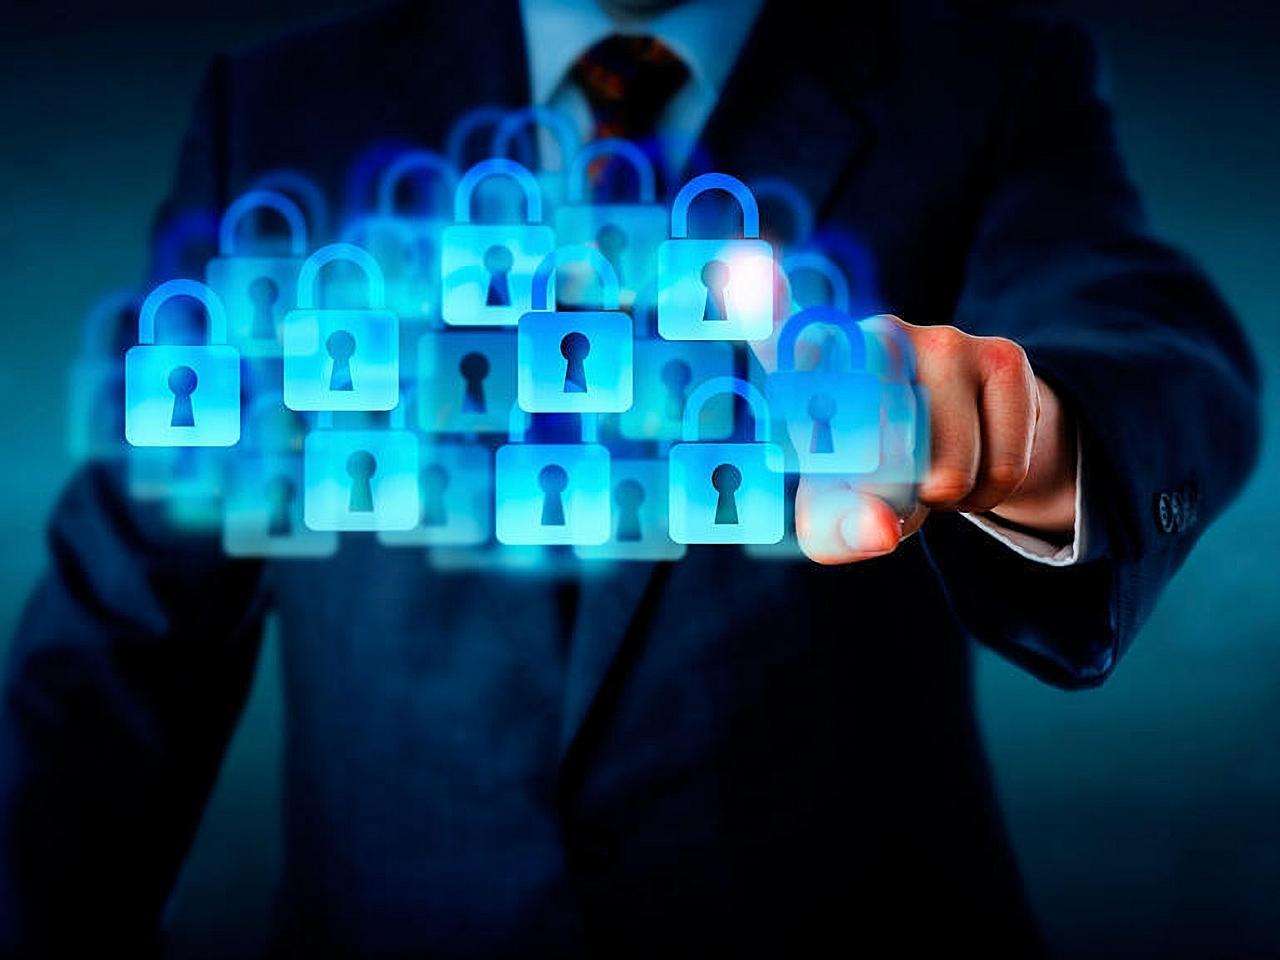 パロアルトネットワークス、TwistlockとPureSecを買収へ--クラウドセキュリティ強化